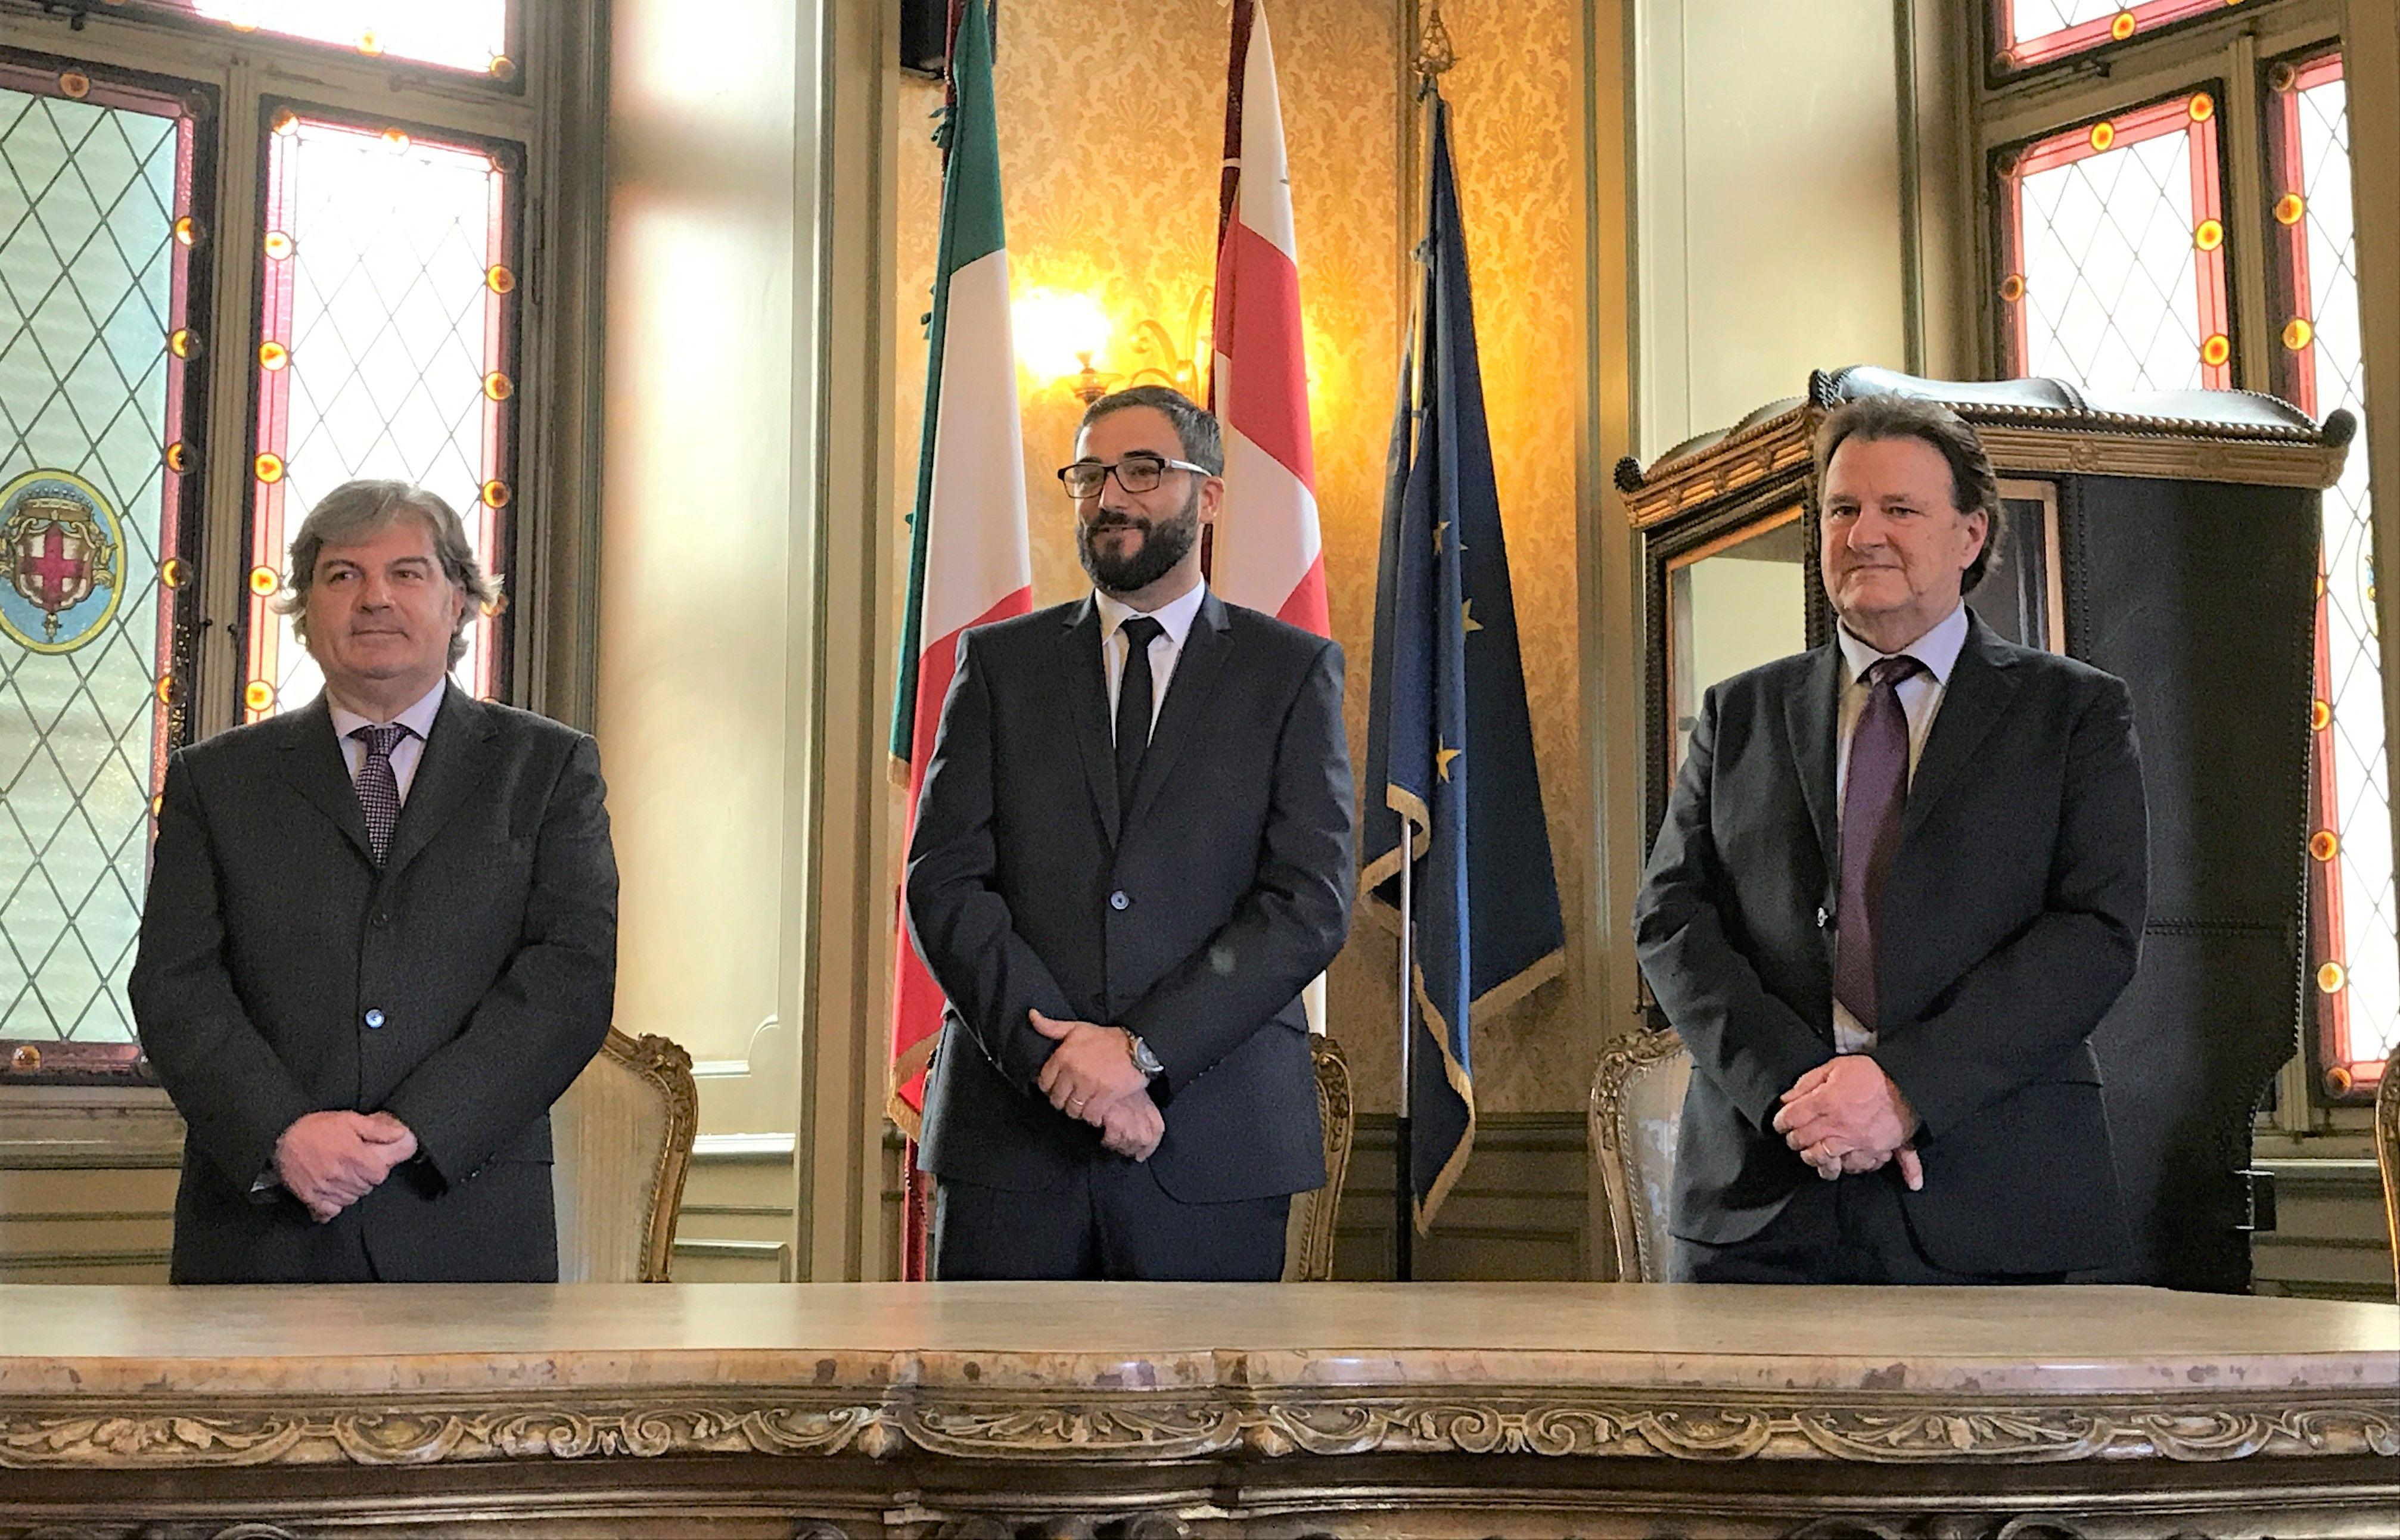 IVREA - Massimiliano Gamerro Generale: parte la nuova edizione dello Storico Carnevale